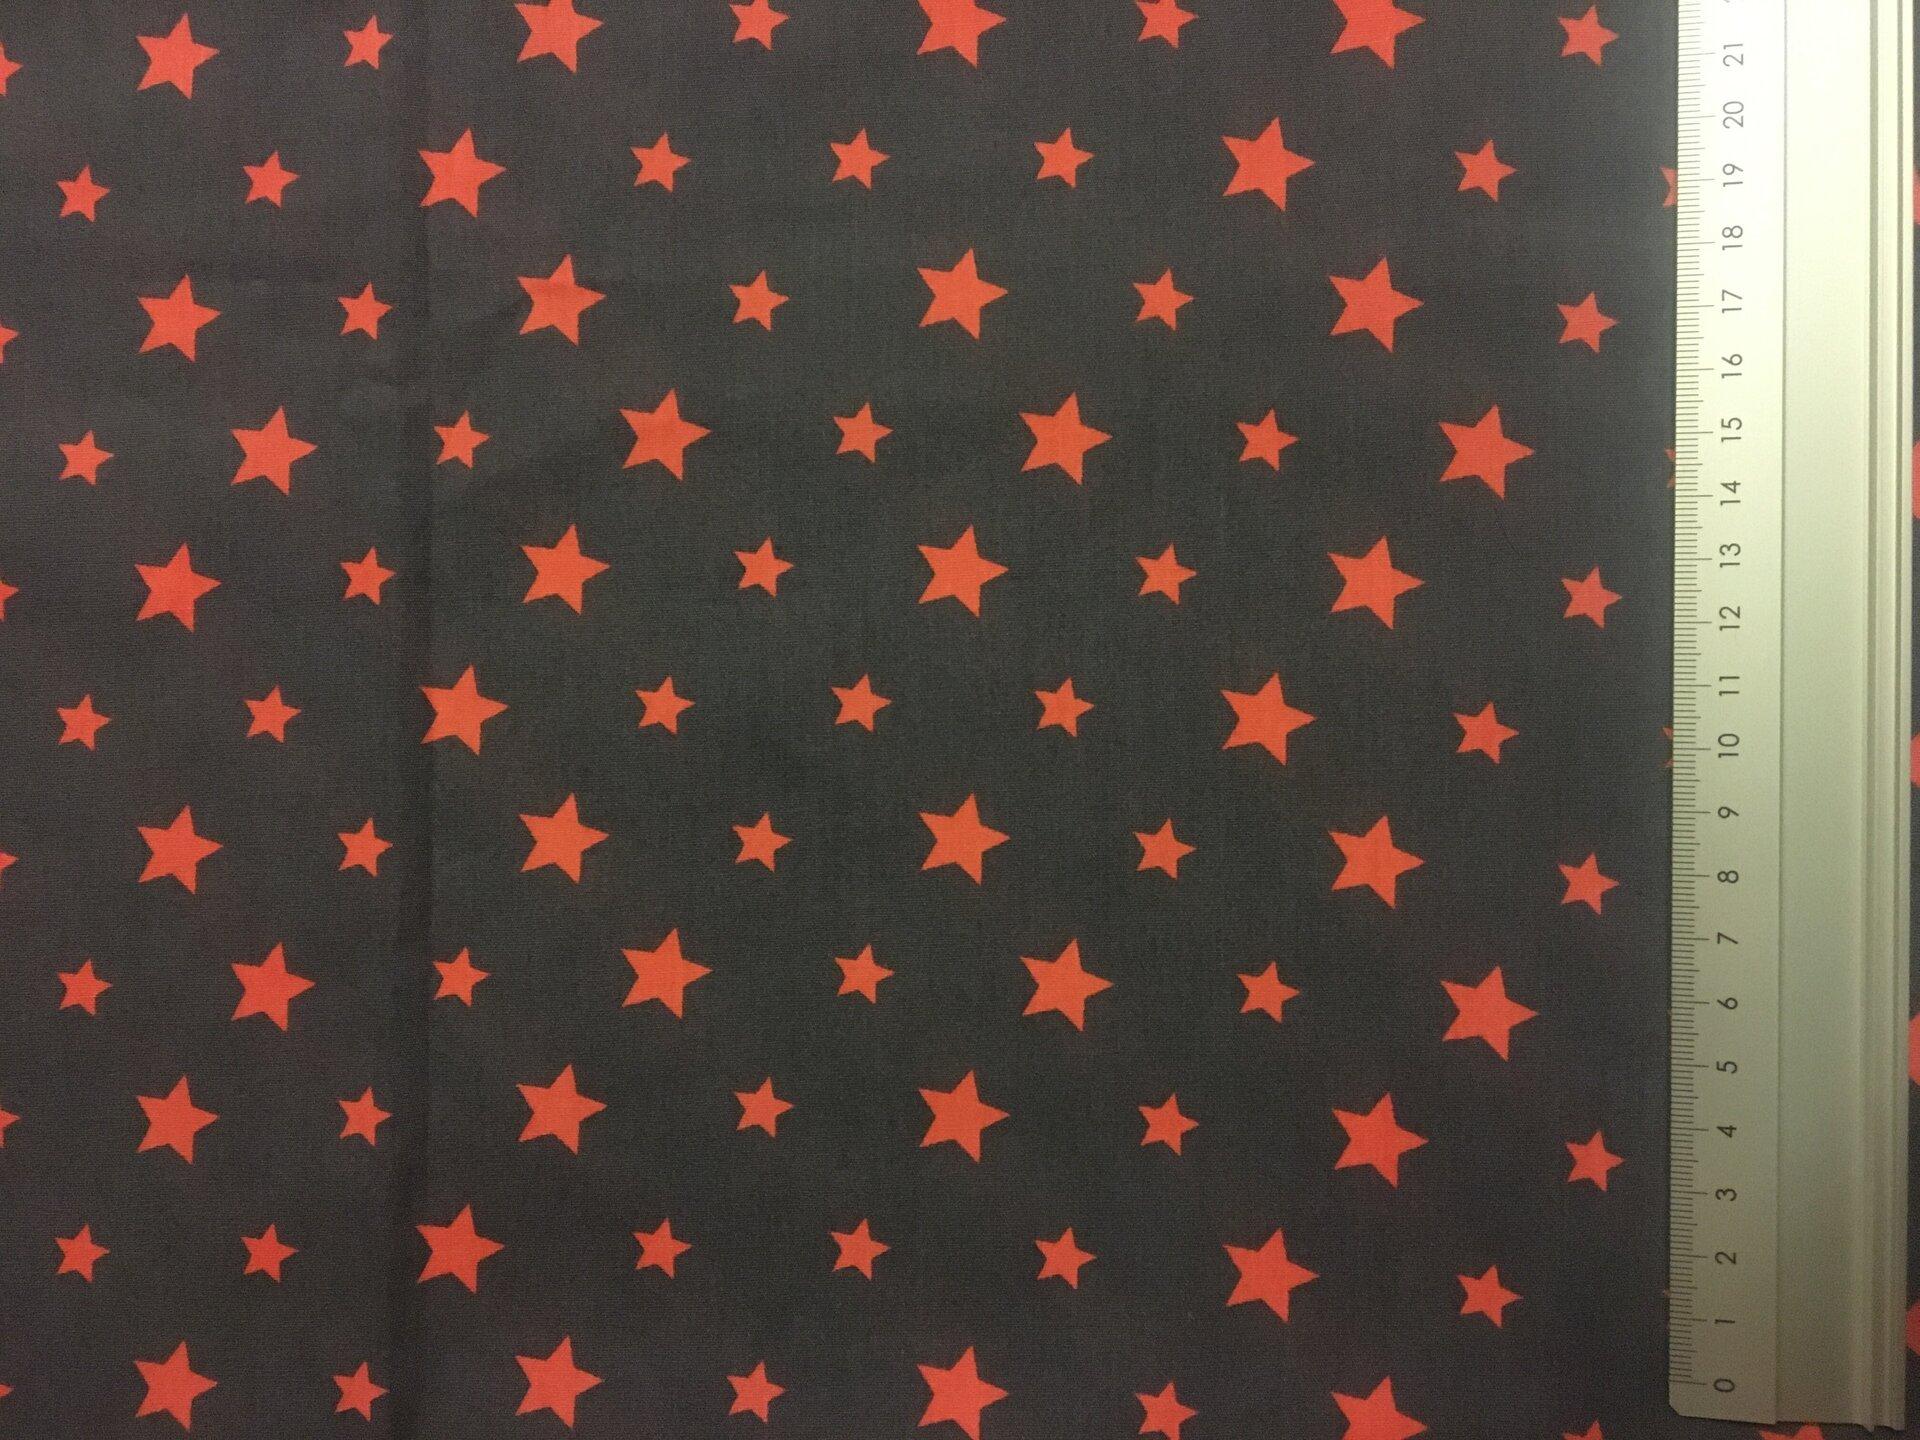 Motiv 1 - anthrazit mit lachsfarbenen Sternen